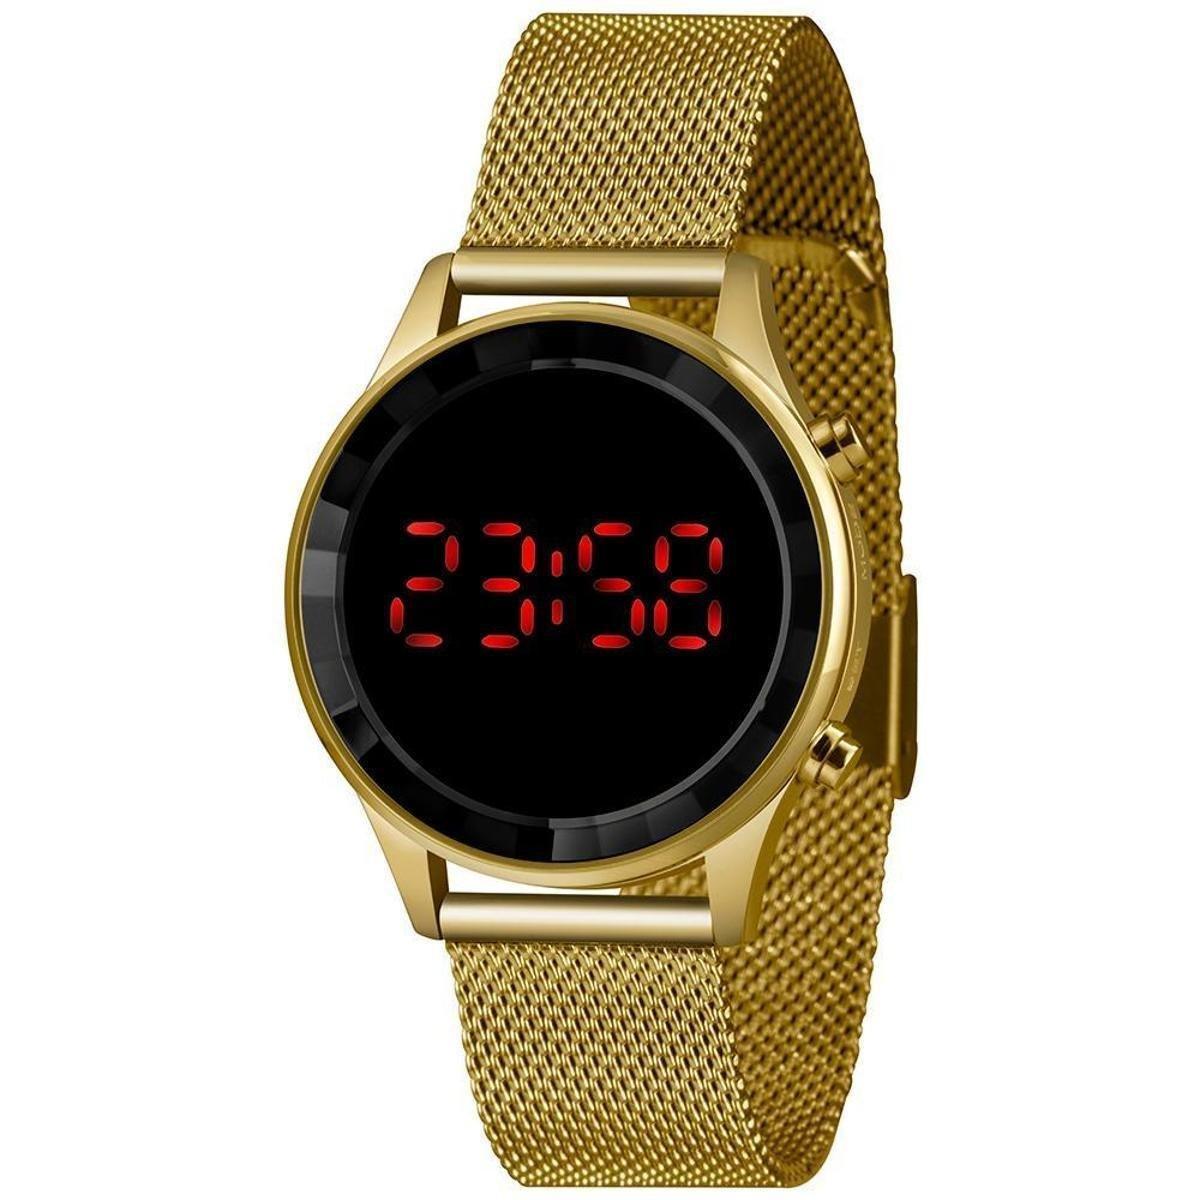 Relógio Feminino Styles Lince MDG4619L BXKX Dourado